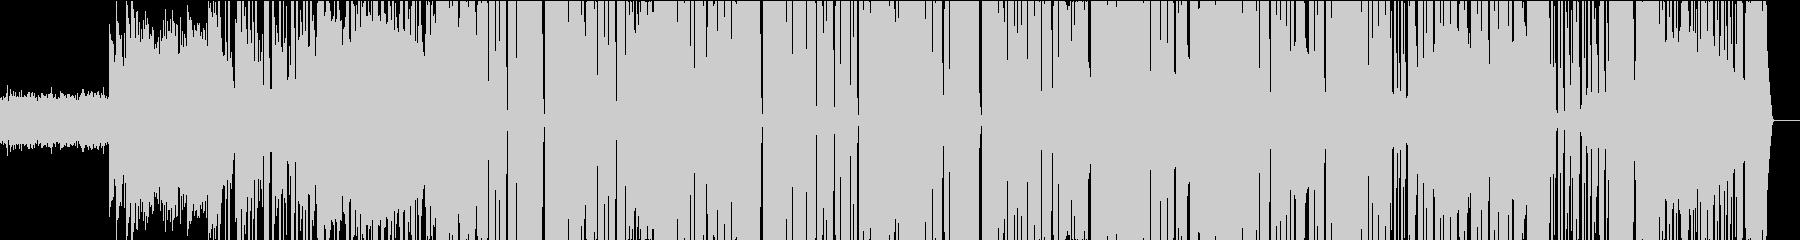 ベースEDMにファンクなテイストの未再生の波形